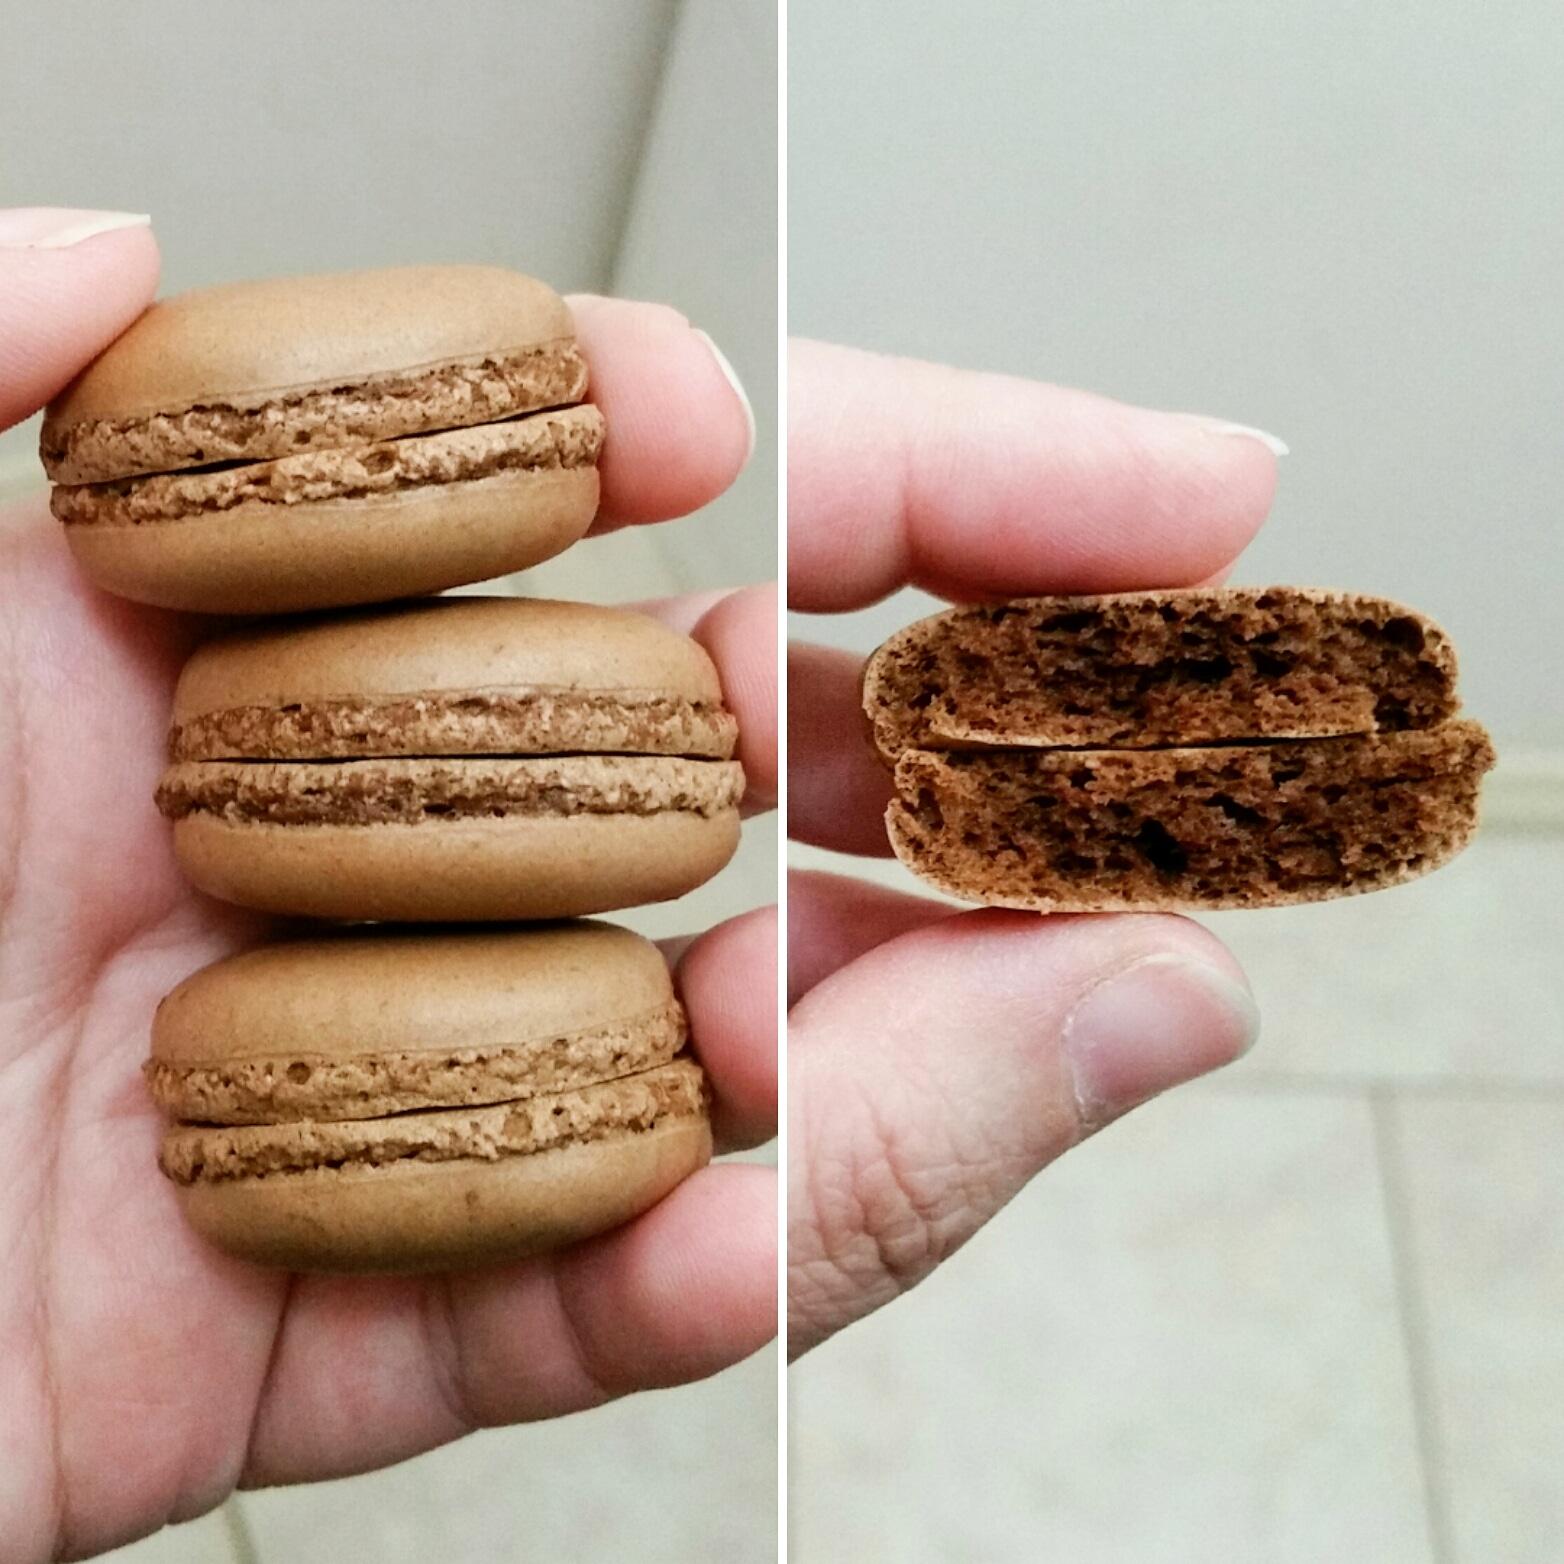 Full chocolate macaron shells